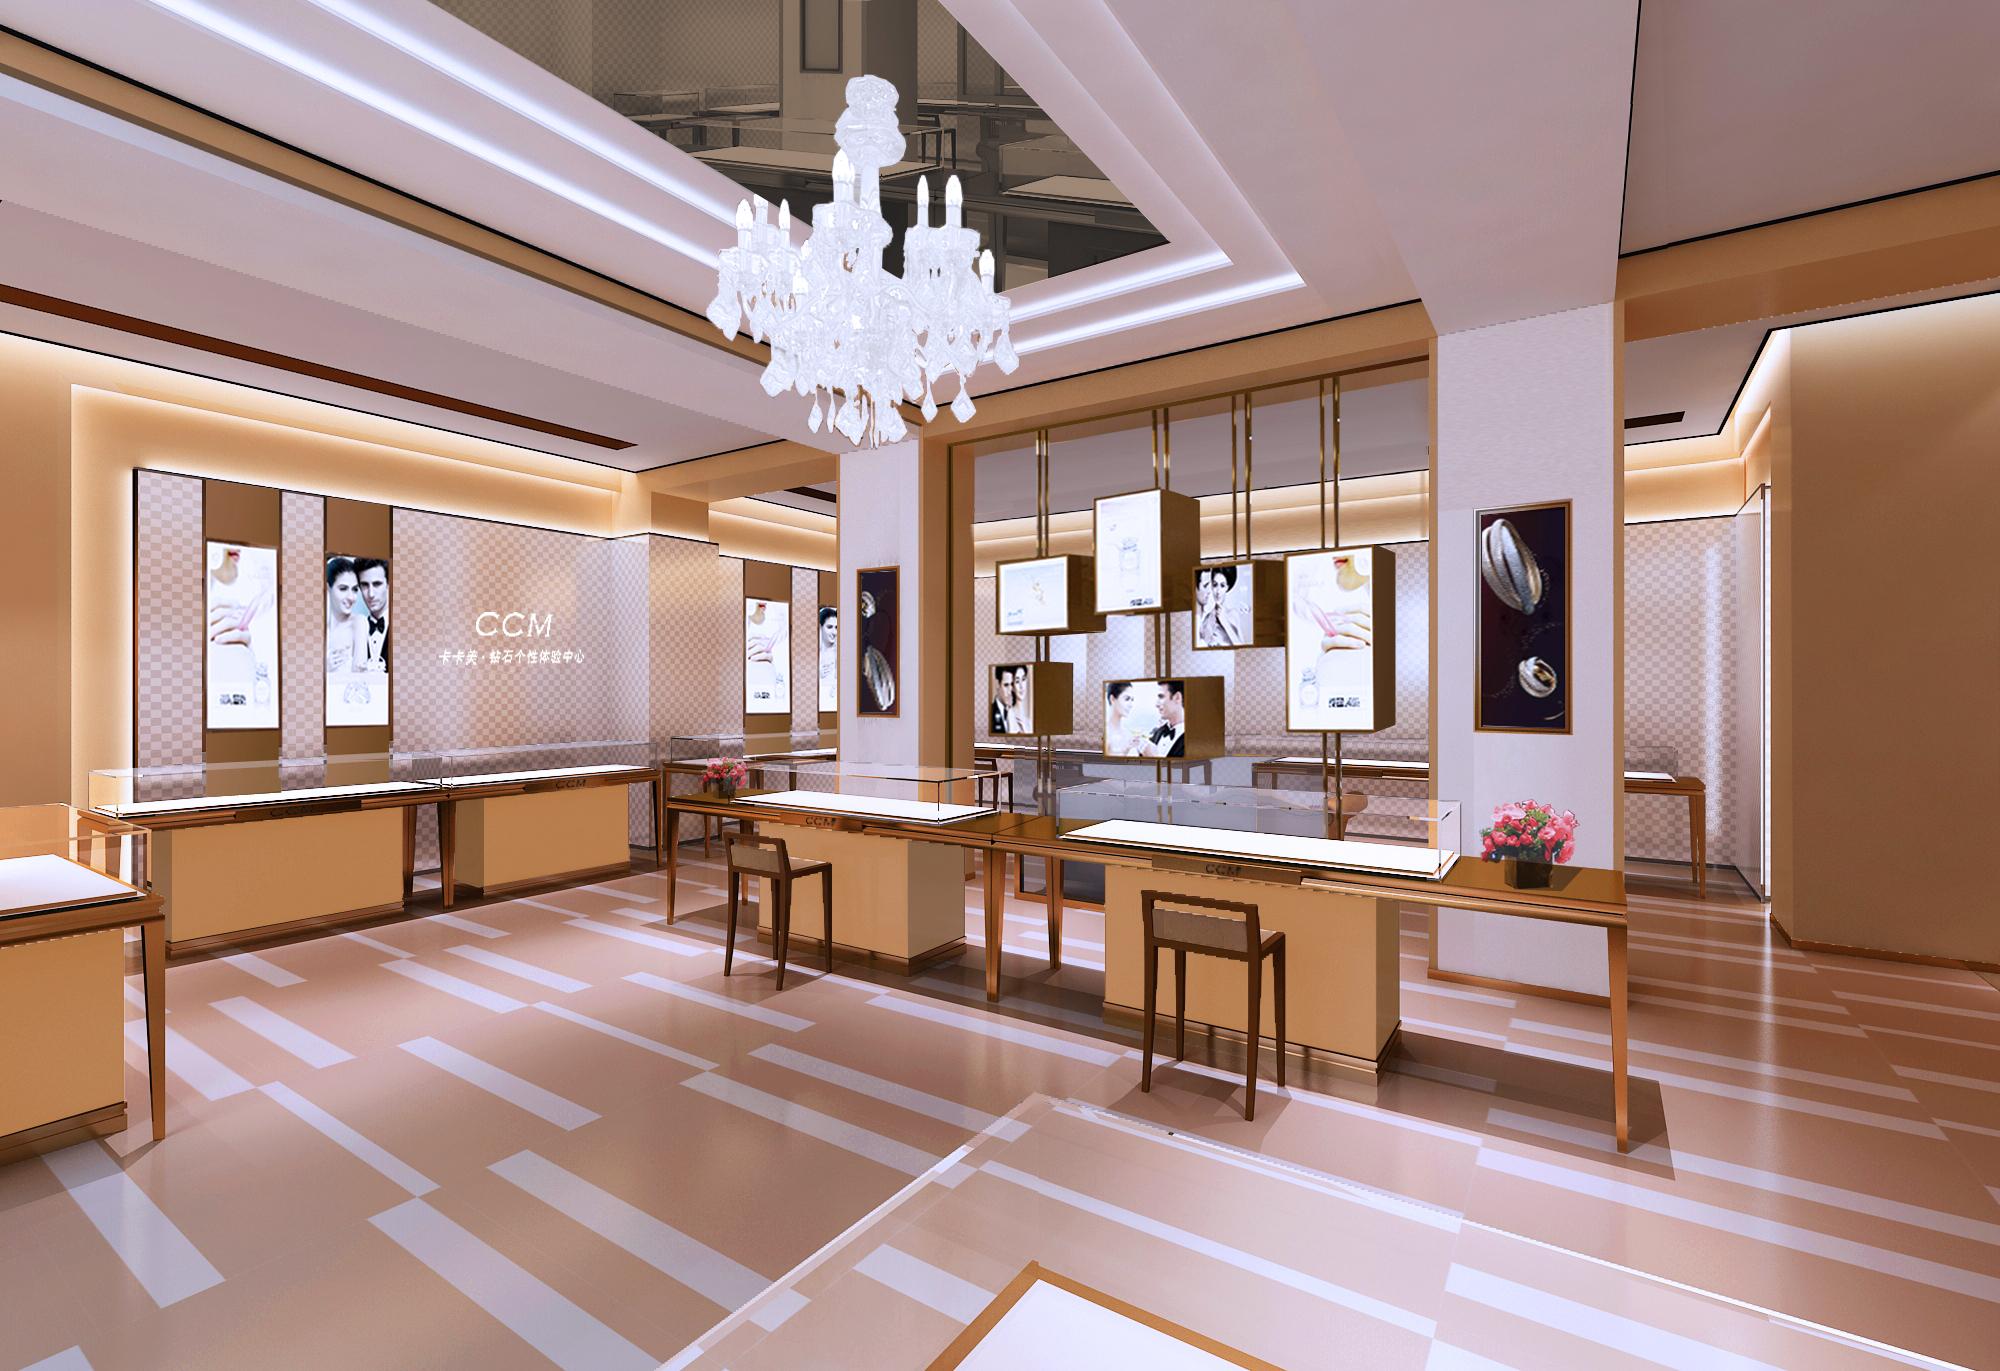 ccm钻石产品图片_ccm钻石店铺装修图片-全球加盟网